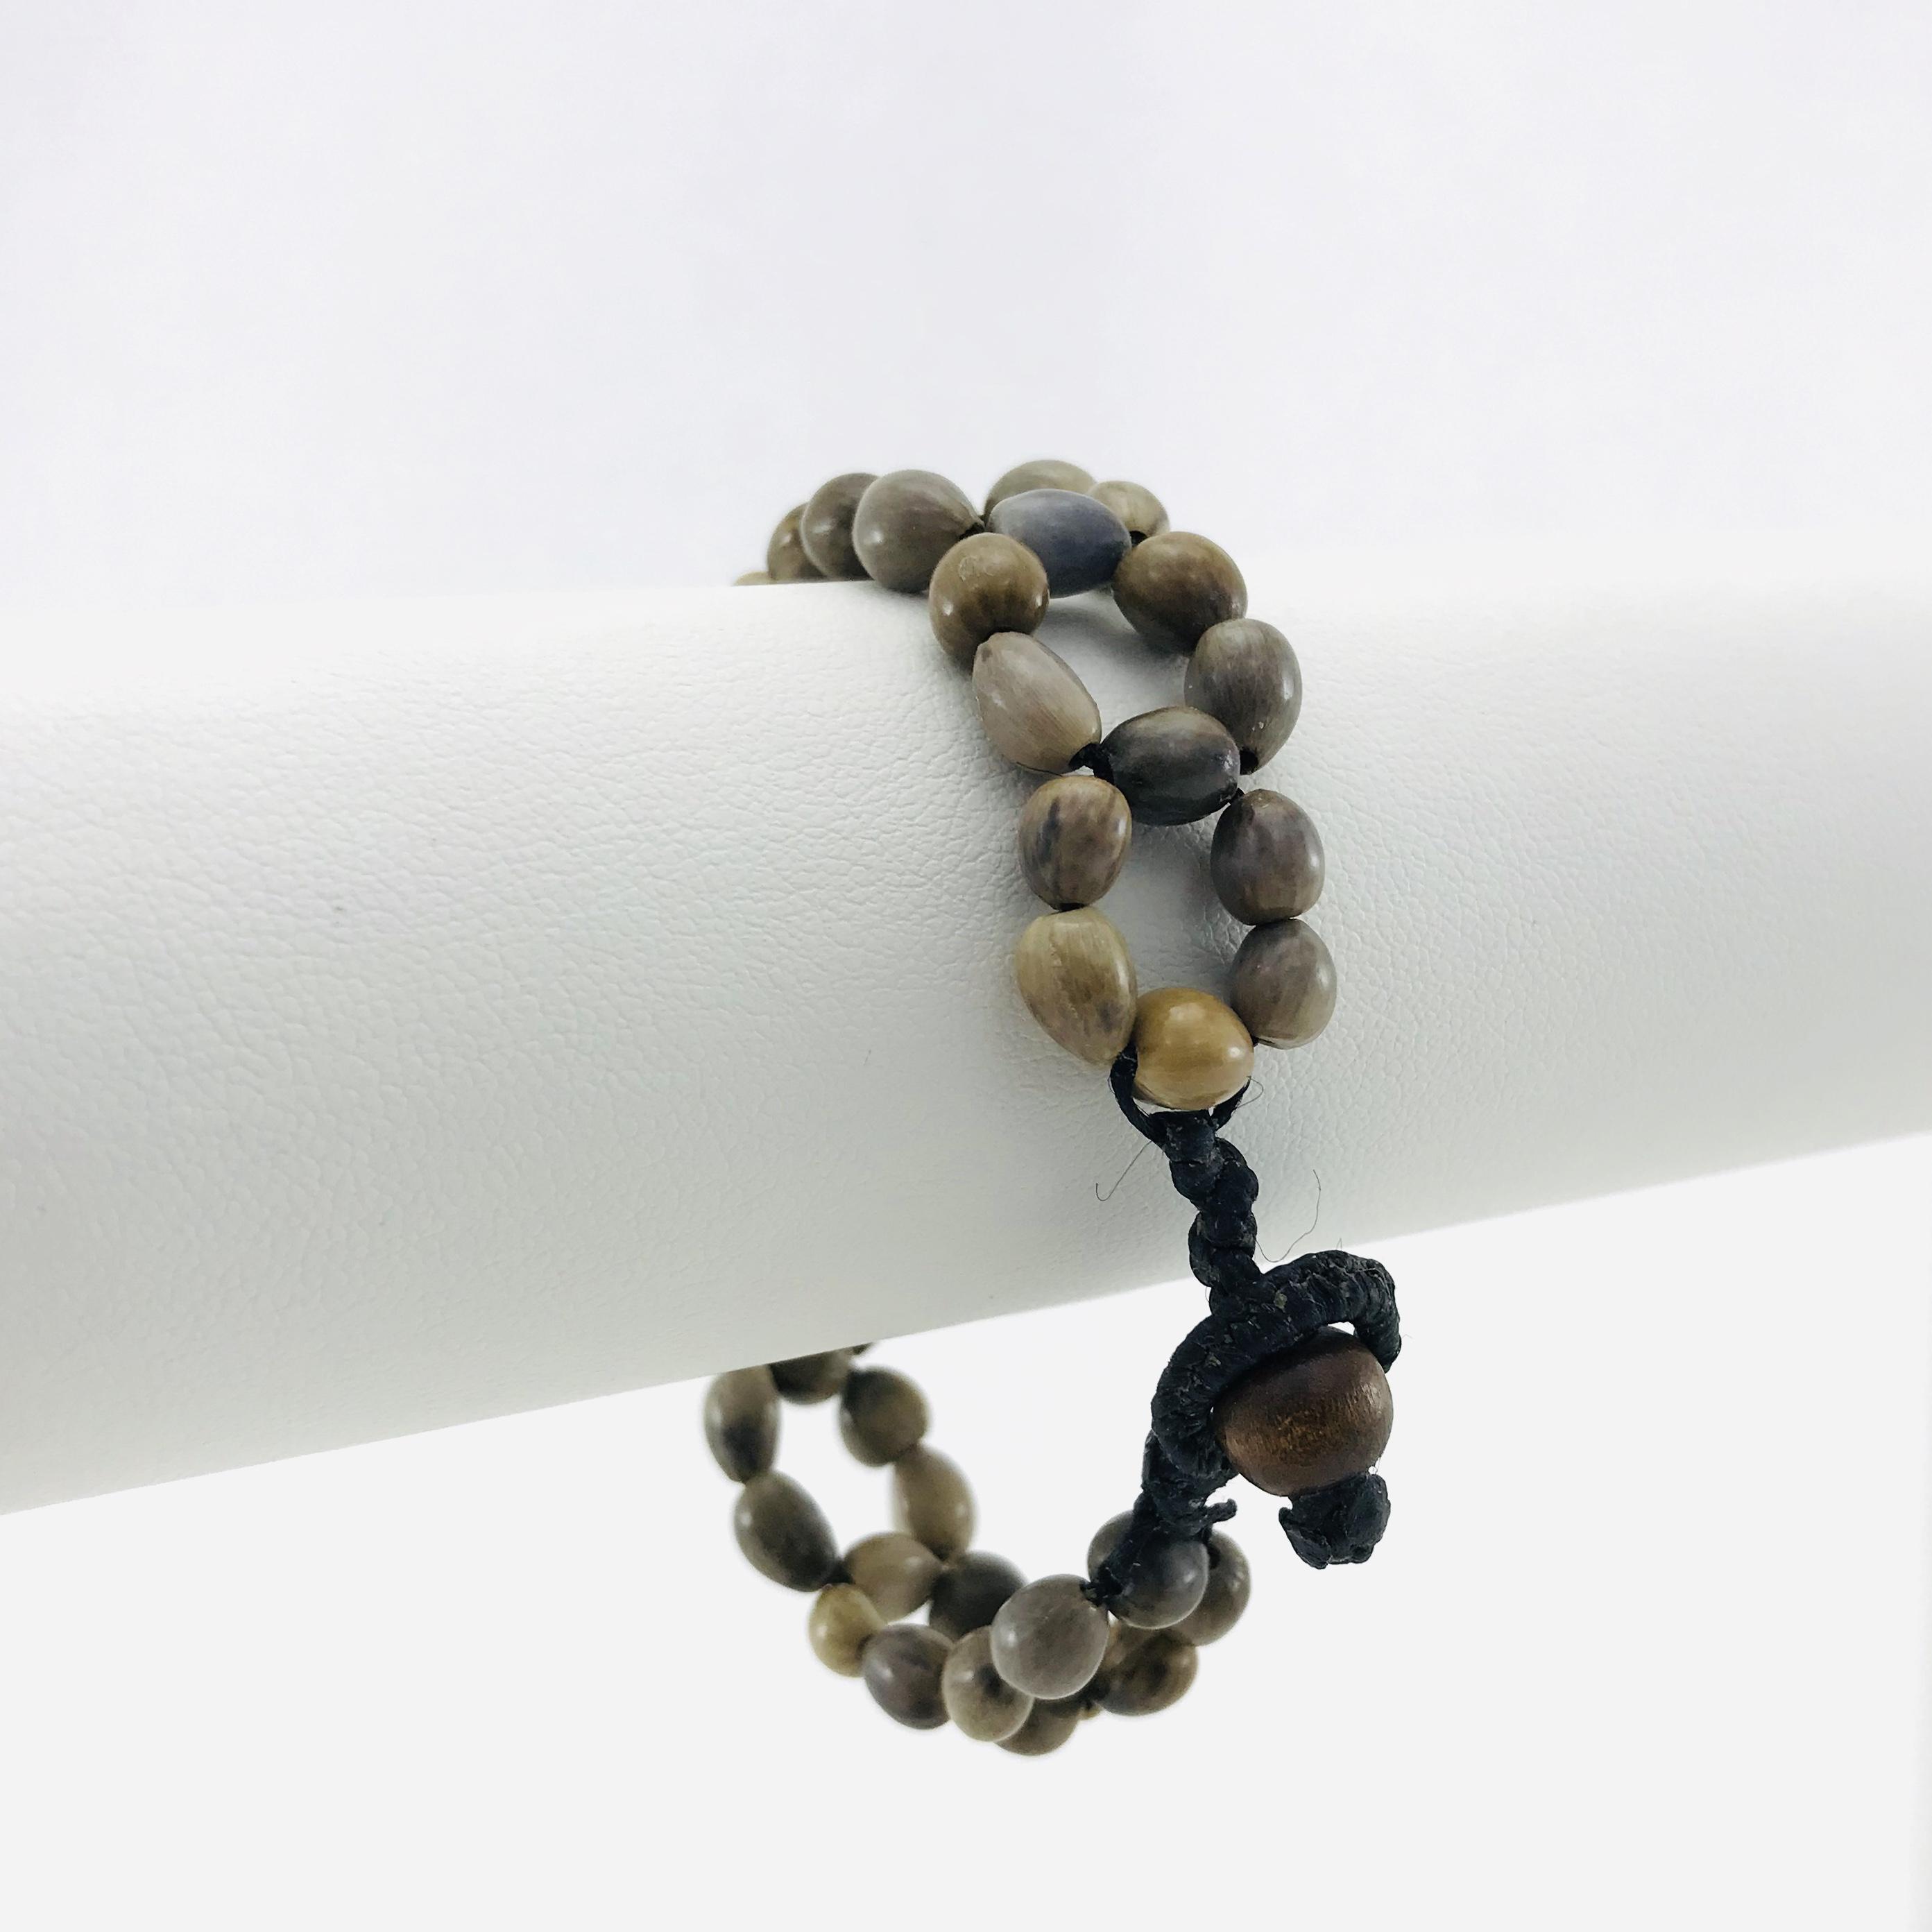 Le Fleur - Bracelet graines naturelles - Brun - attache